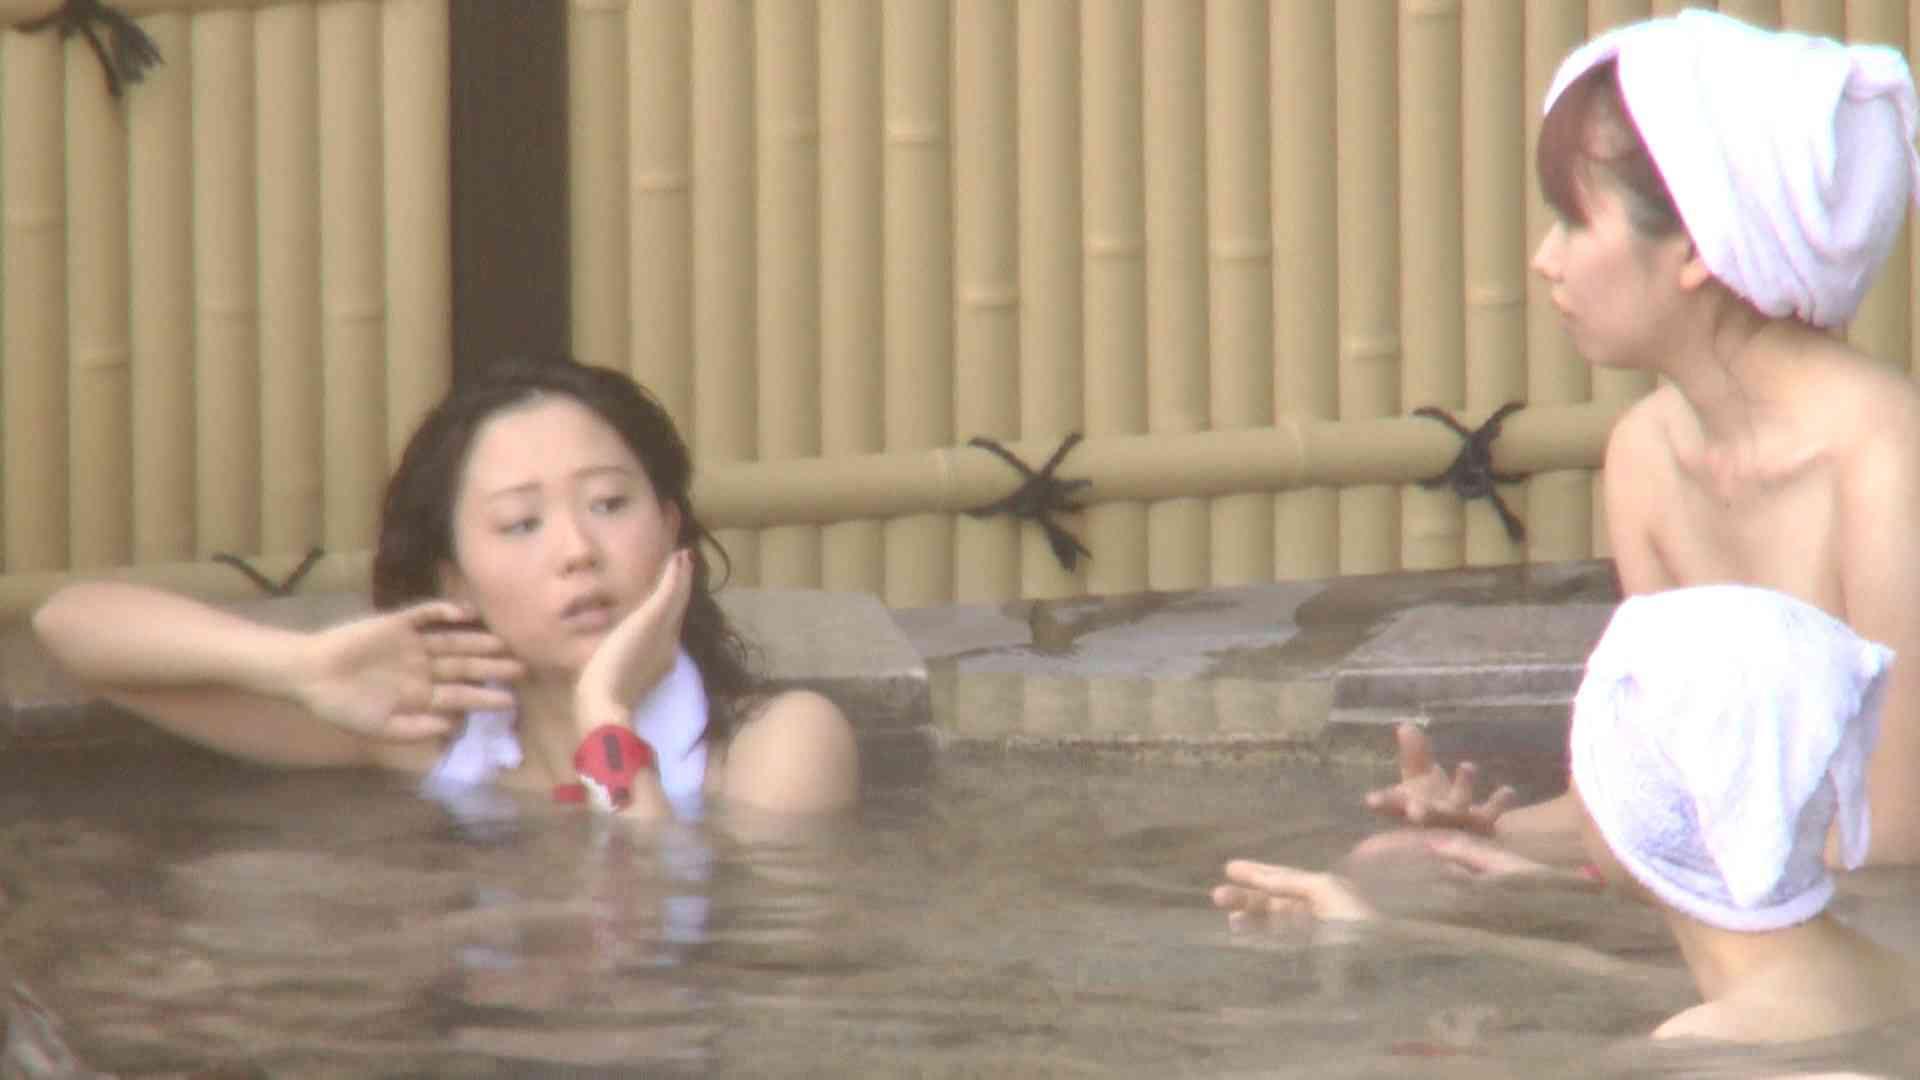 Aquaな露天風呂Vol.211 盗撮 オメコ動画キャプチャ 91連発 32